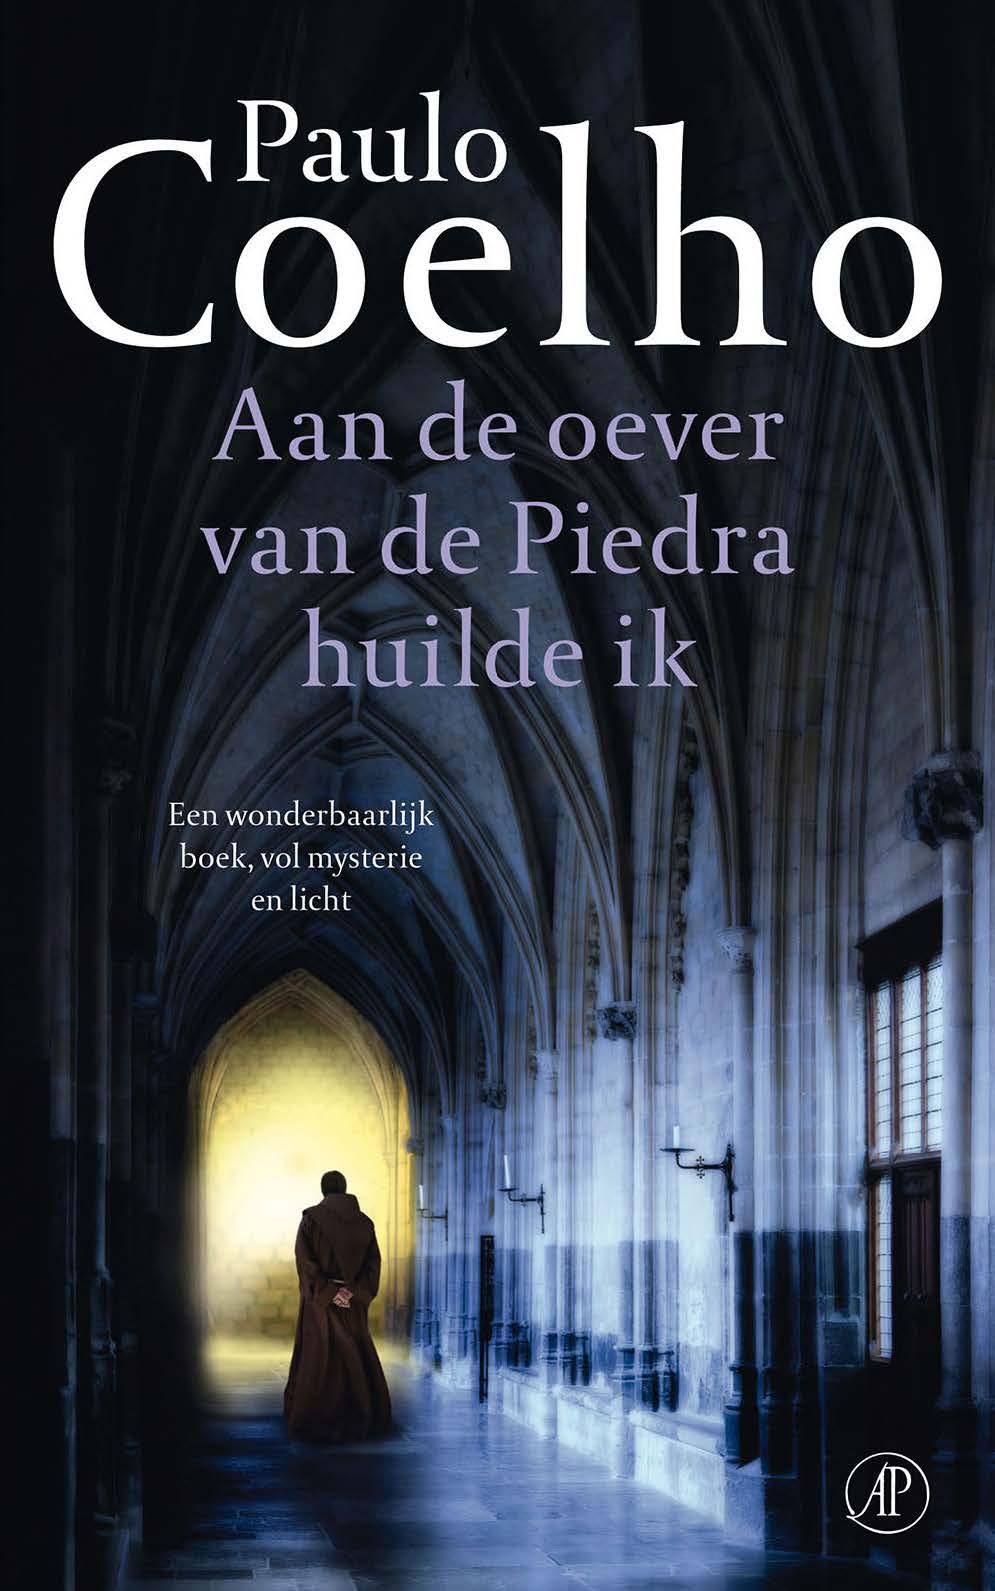 Aan de oever van de Piedra huilde ik – Paulo Coelho